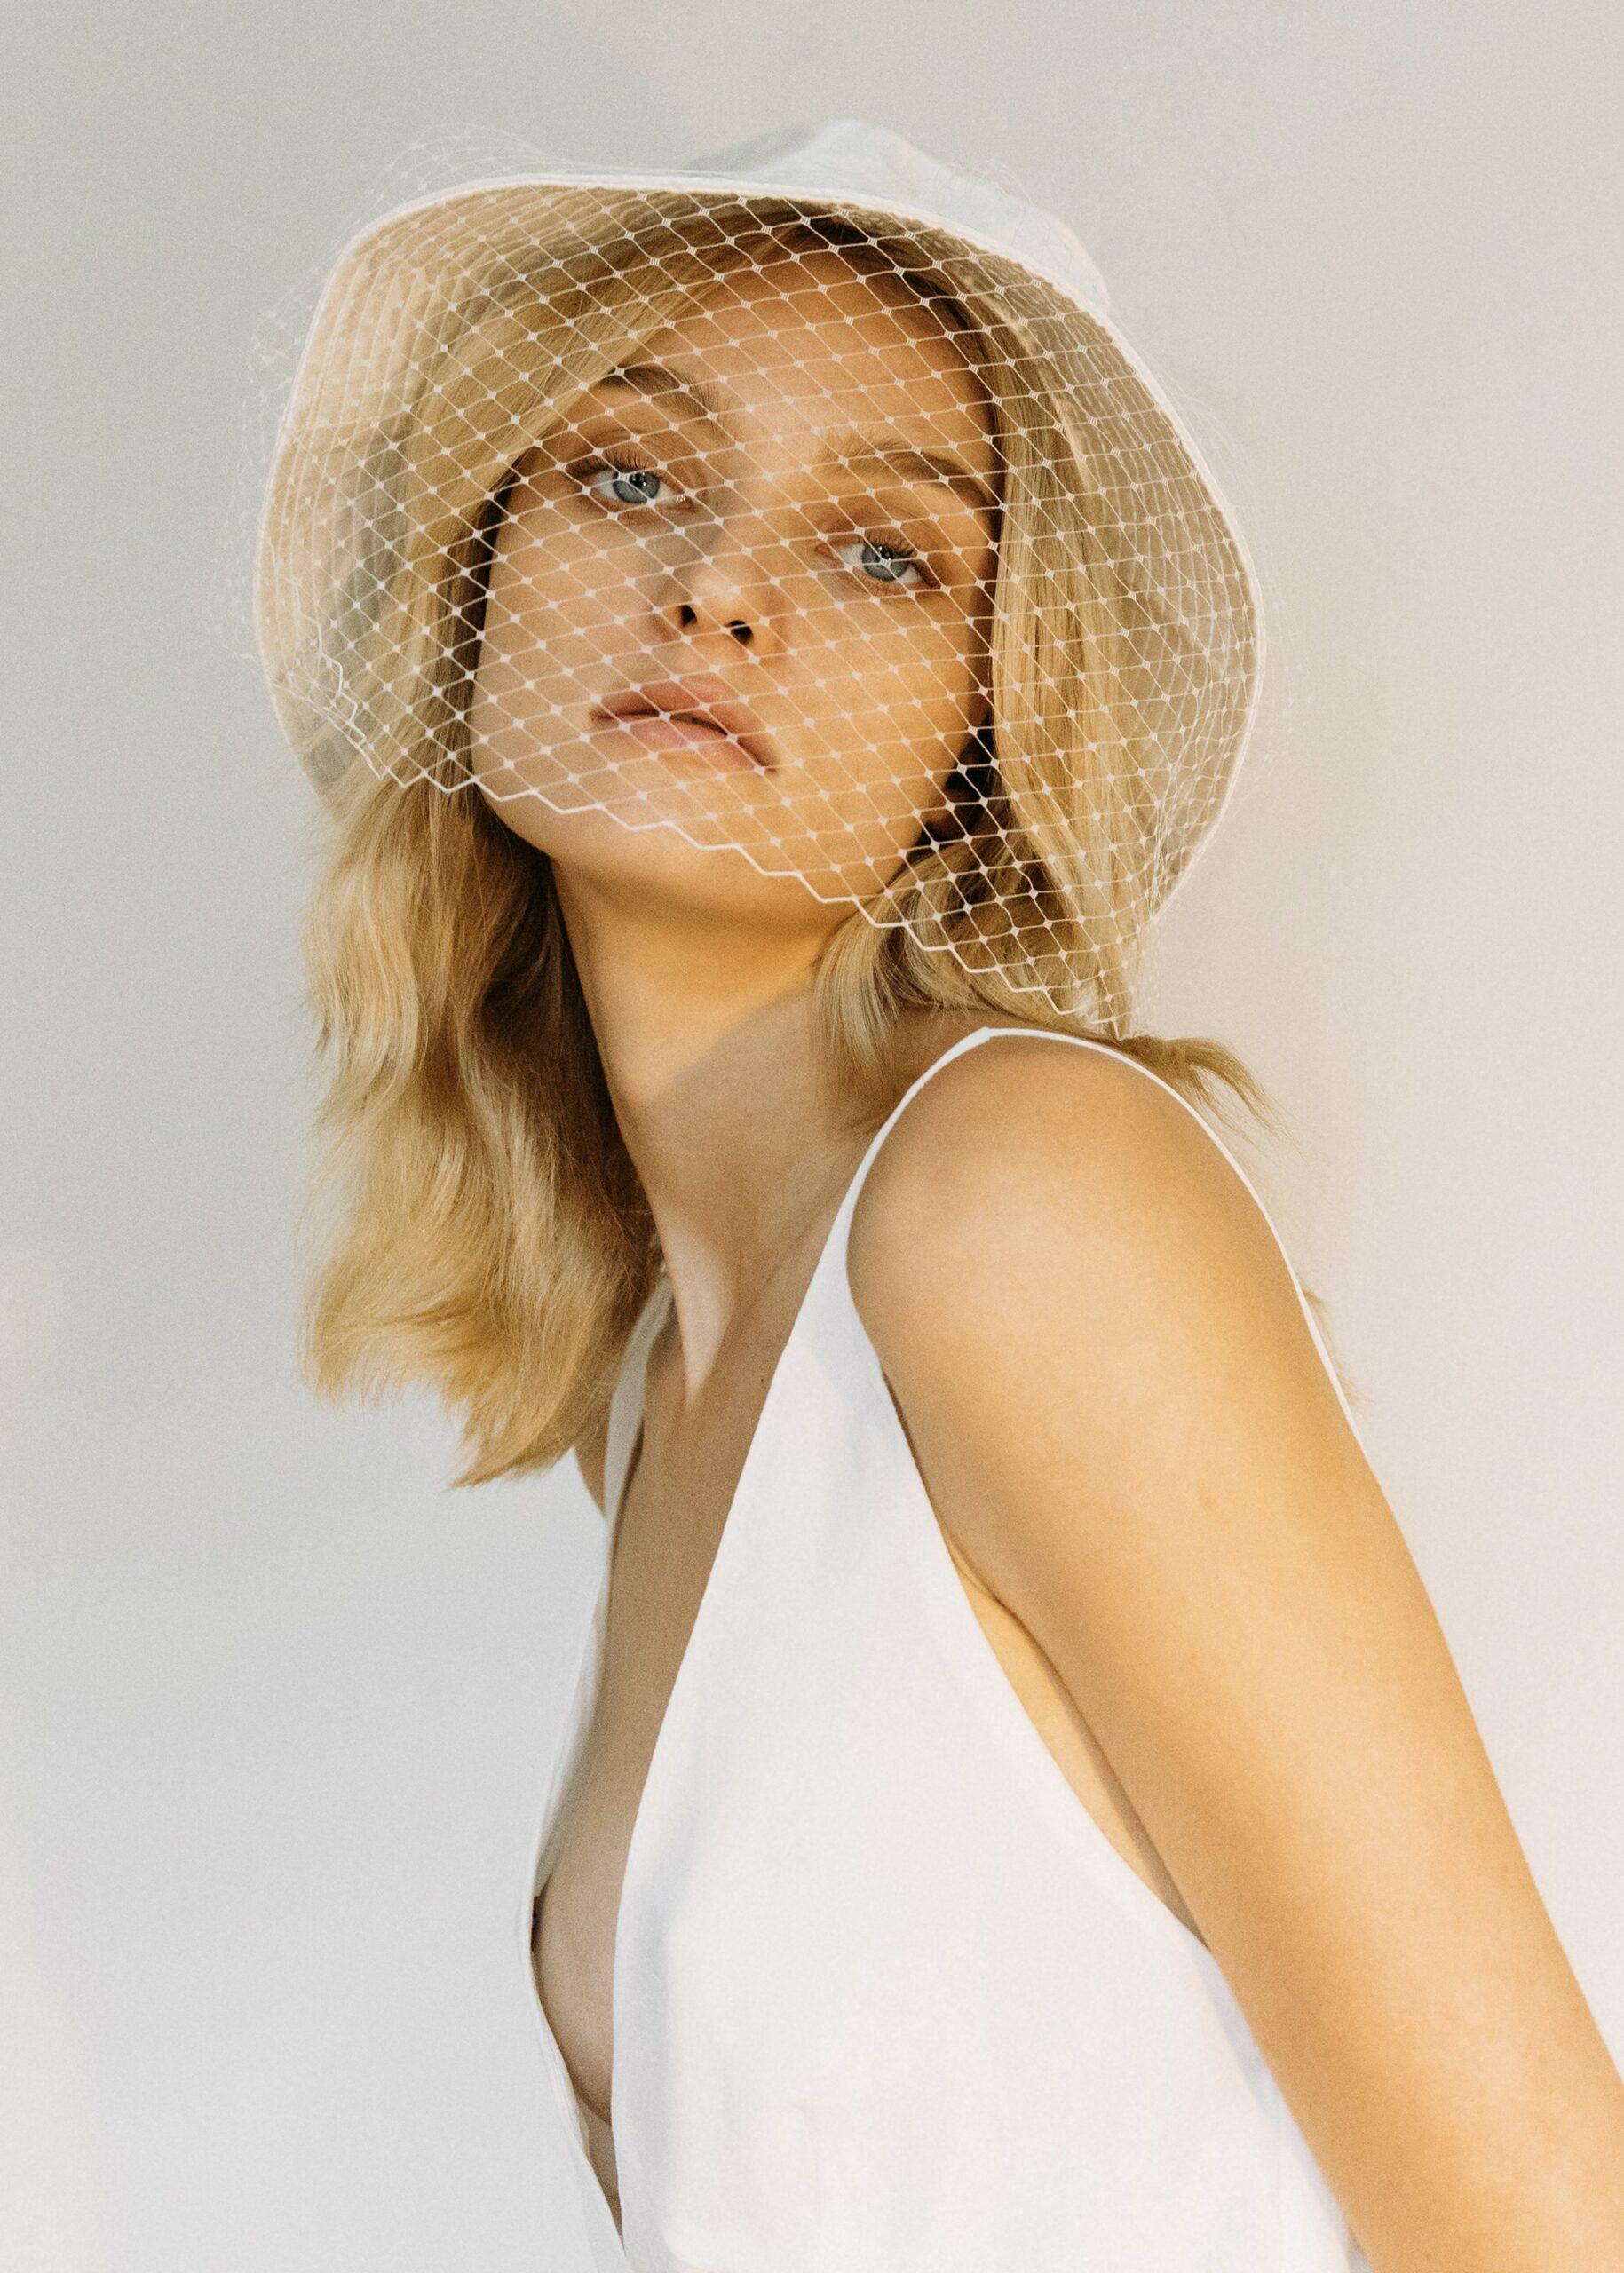 wedding-hair-accessories-jennifer-behr-hat